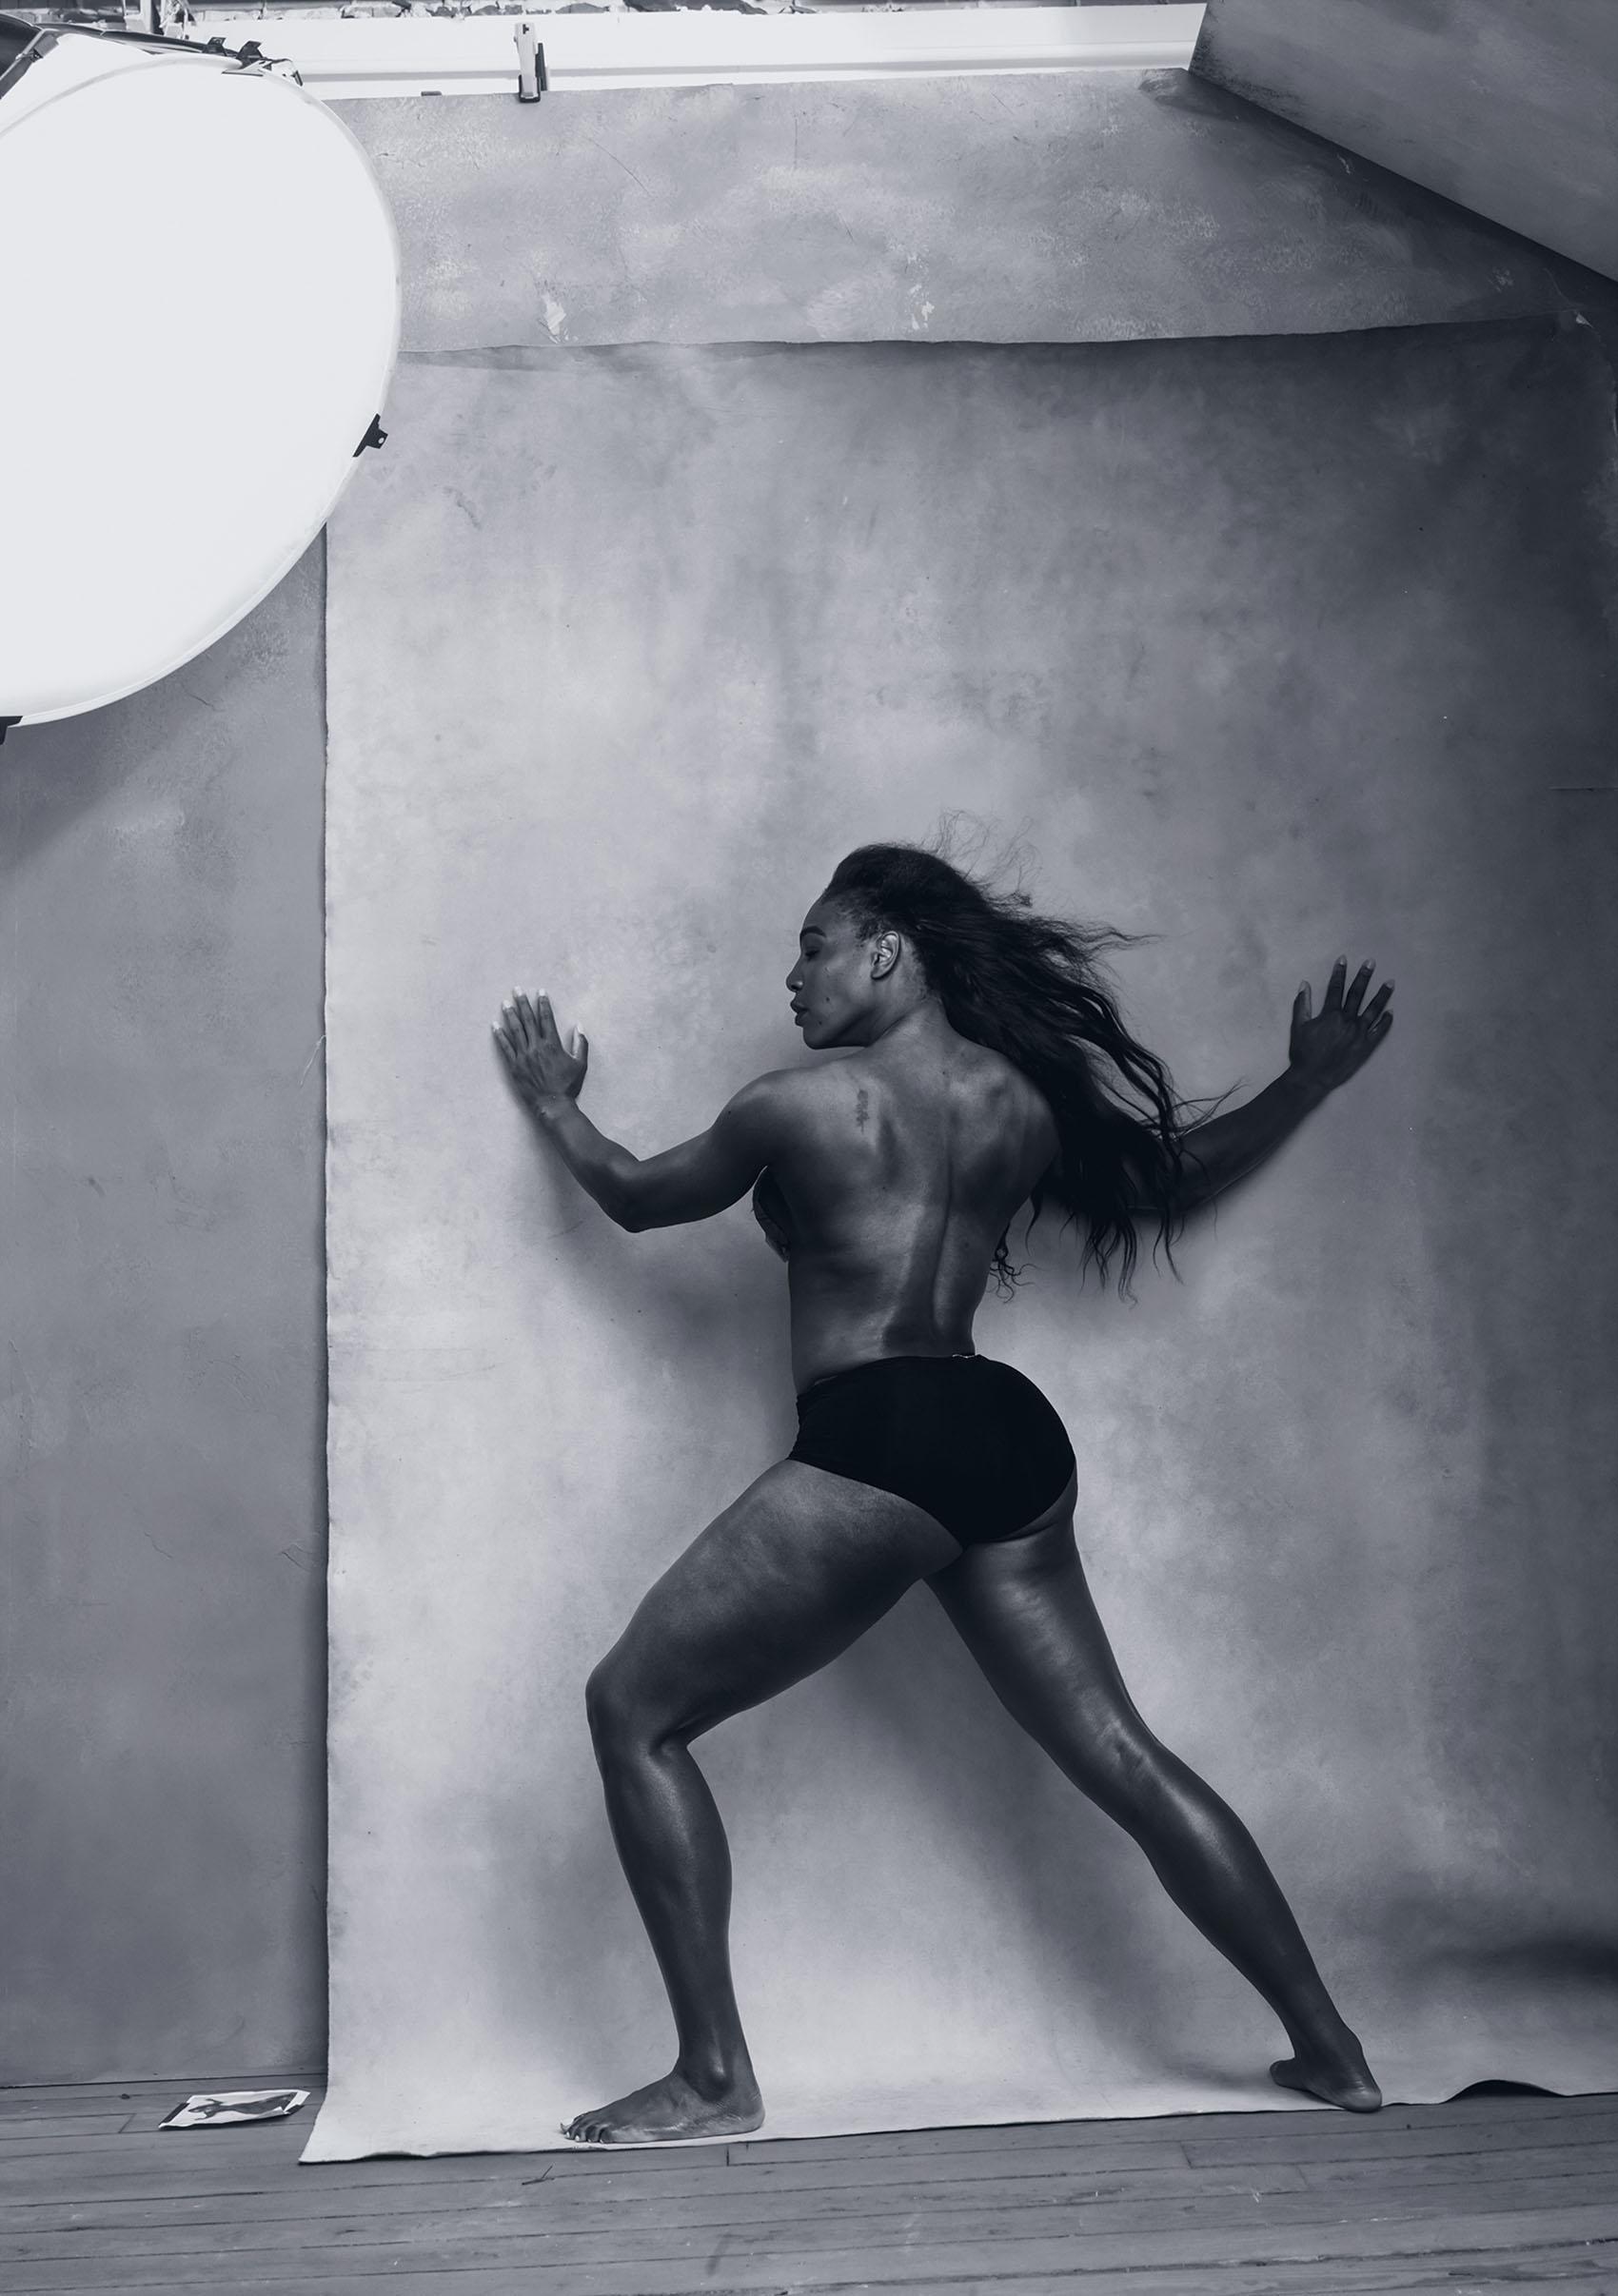 γυμνό μαύρες γυναίκες γκαλερί gay πορνό βιντεολόγιο